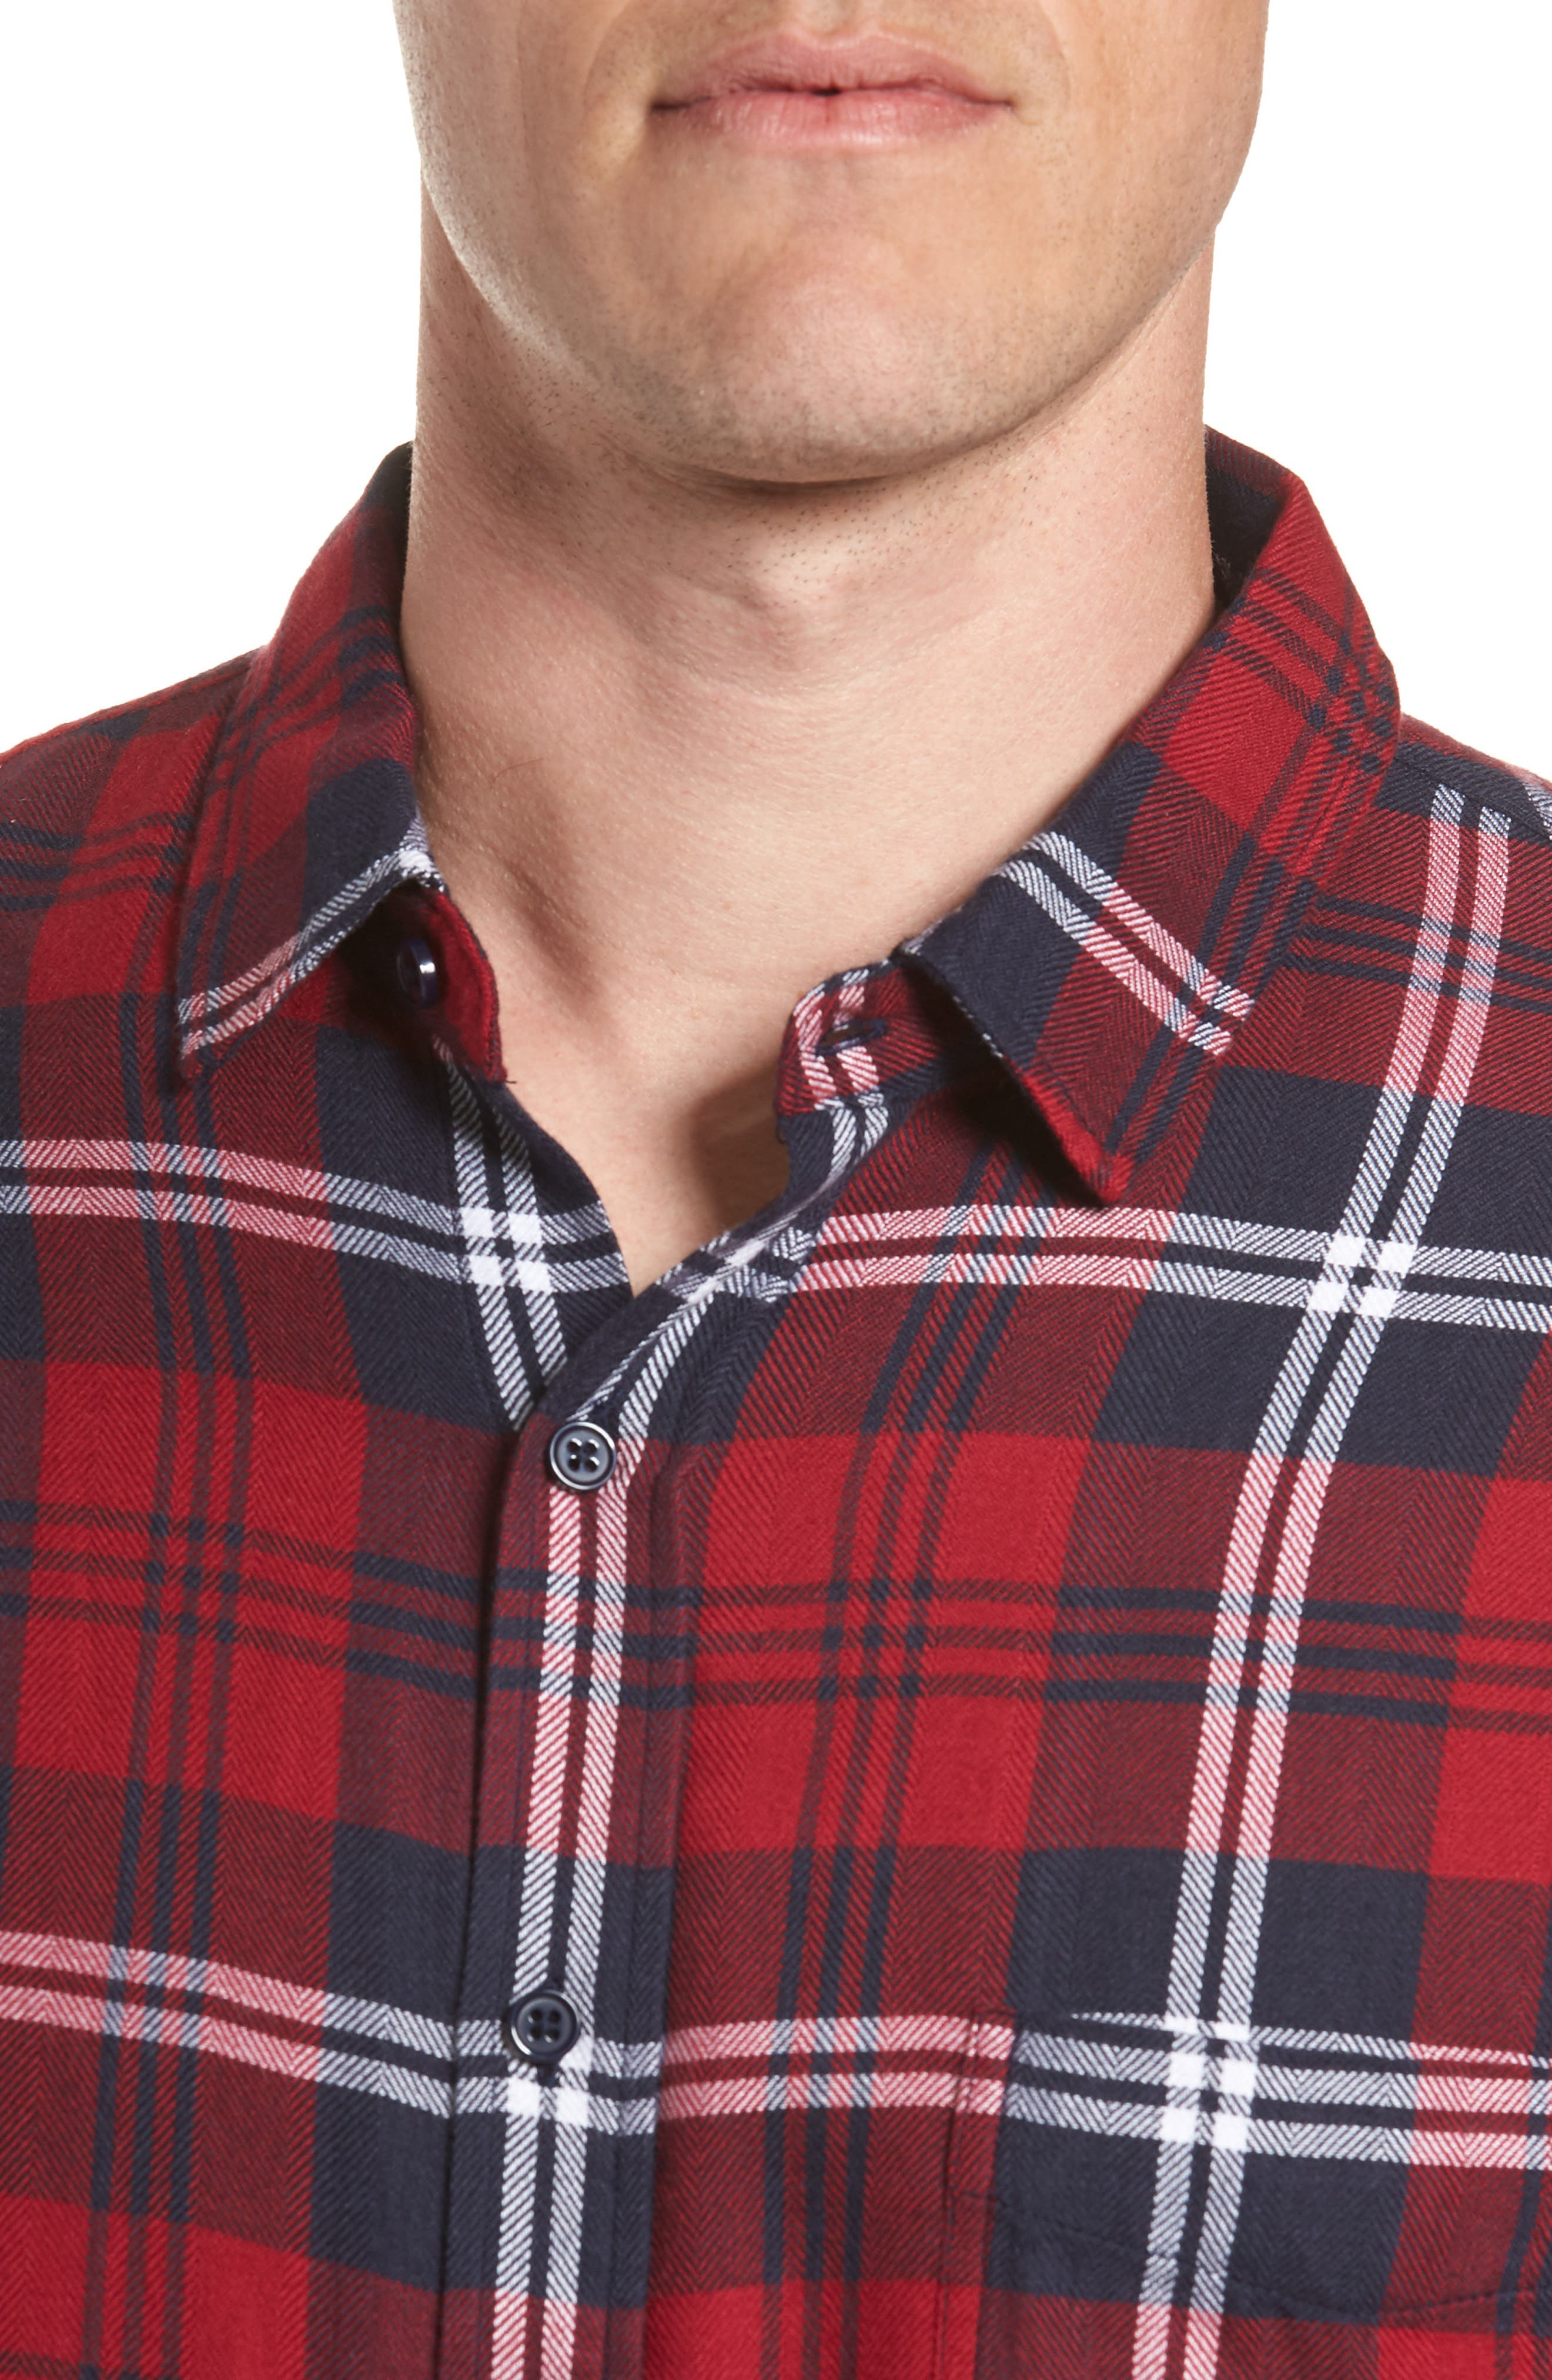 Lennox Sport Shirt,                             Alternate thumbnail 2, color,                             Red/ Navy/ White